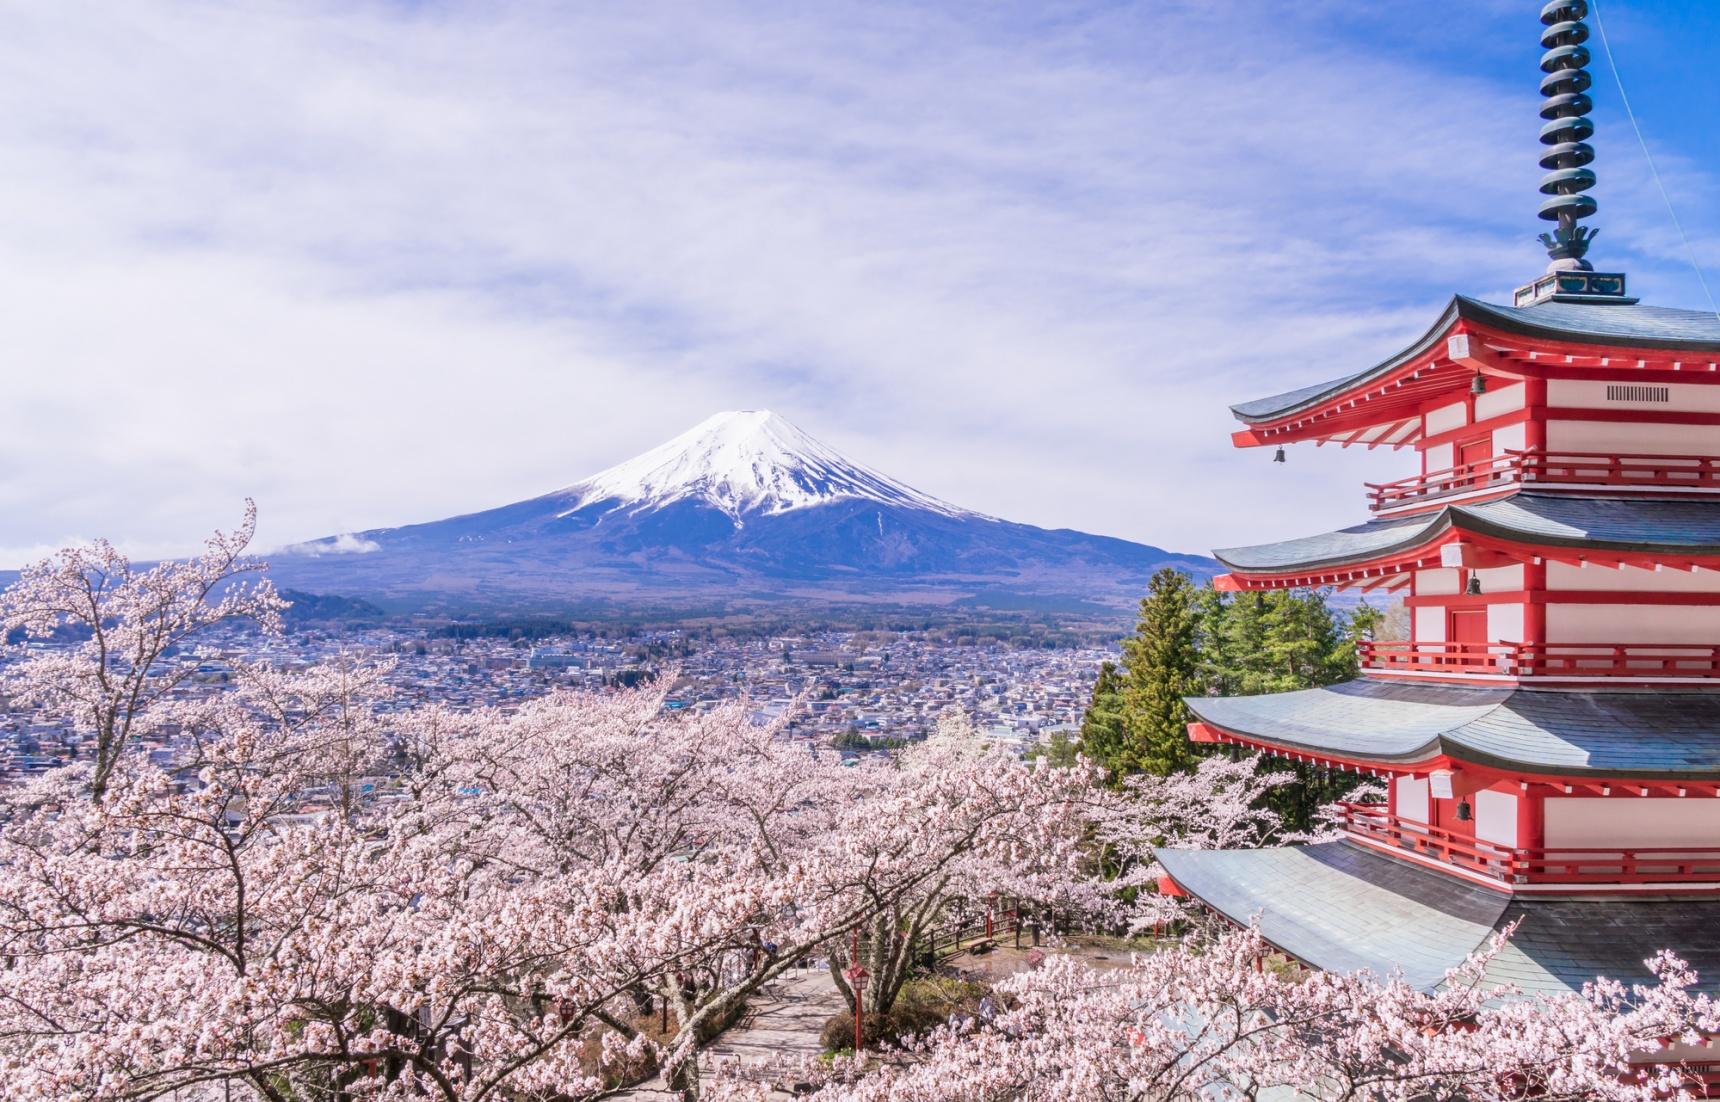 欣赏富士山的最好去处ー新仓山浅间公园